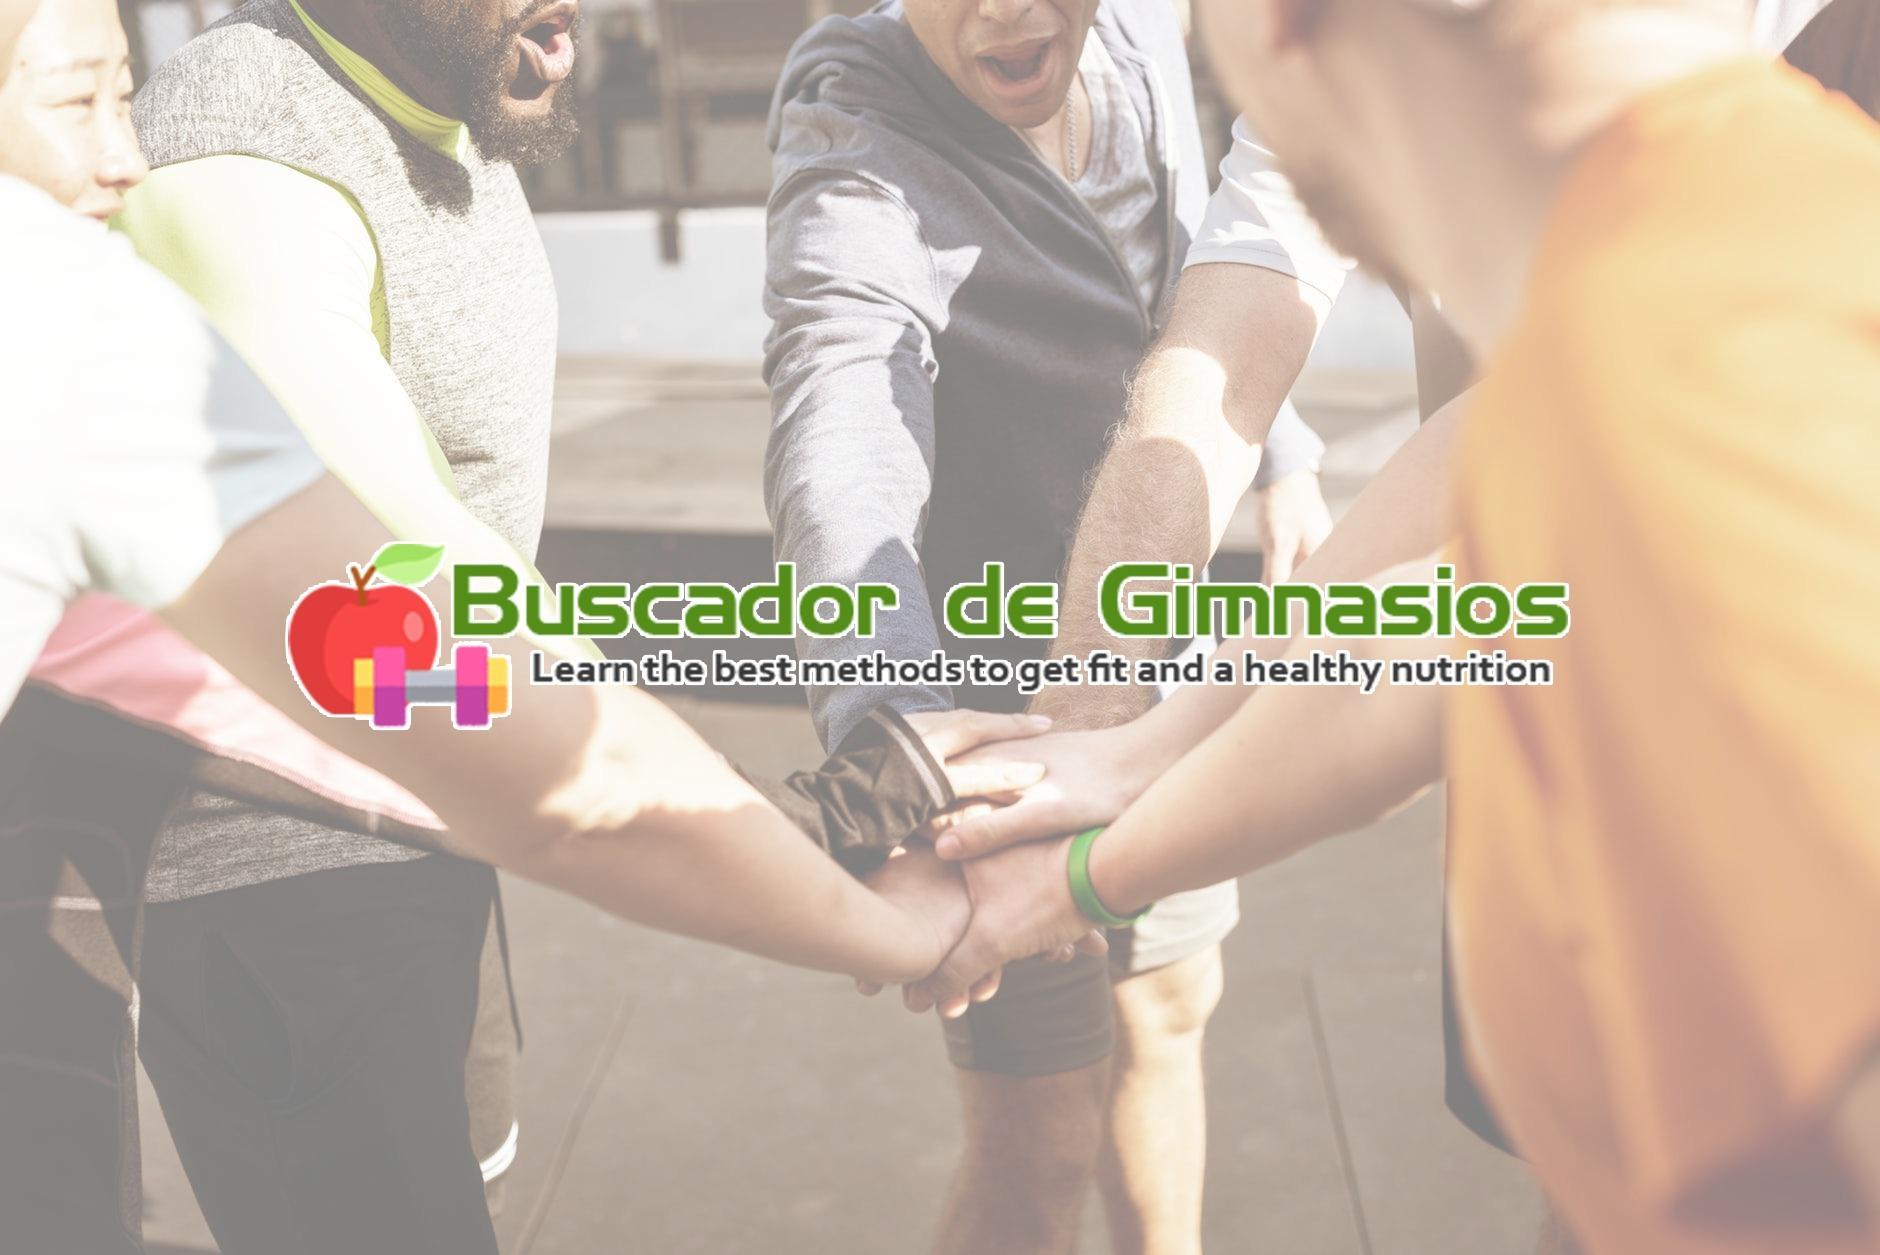 BuscadordeGimnasios (@buscadordegimnasios) Cover Image